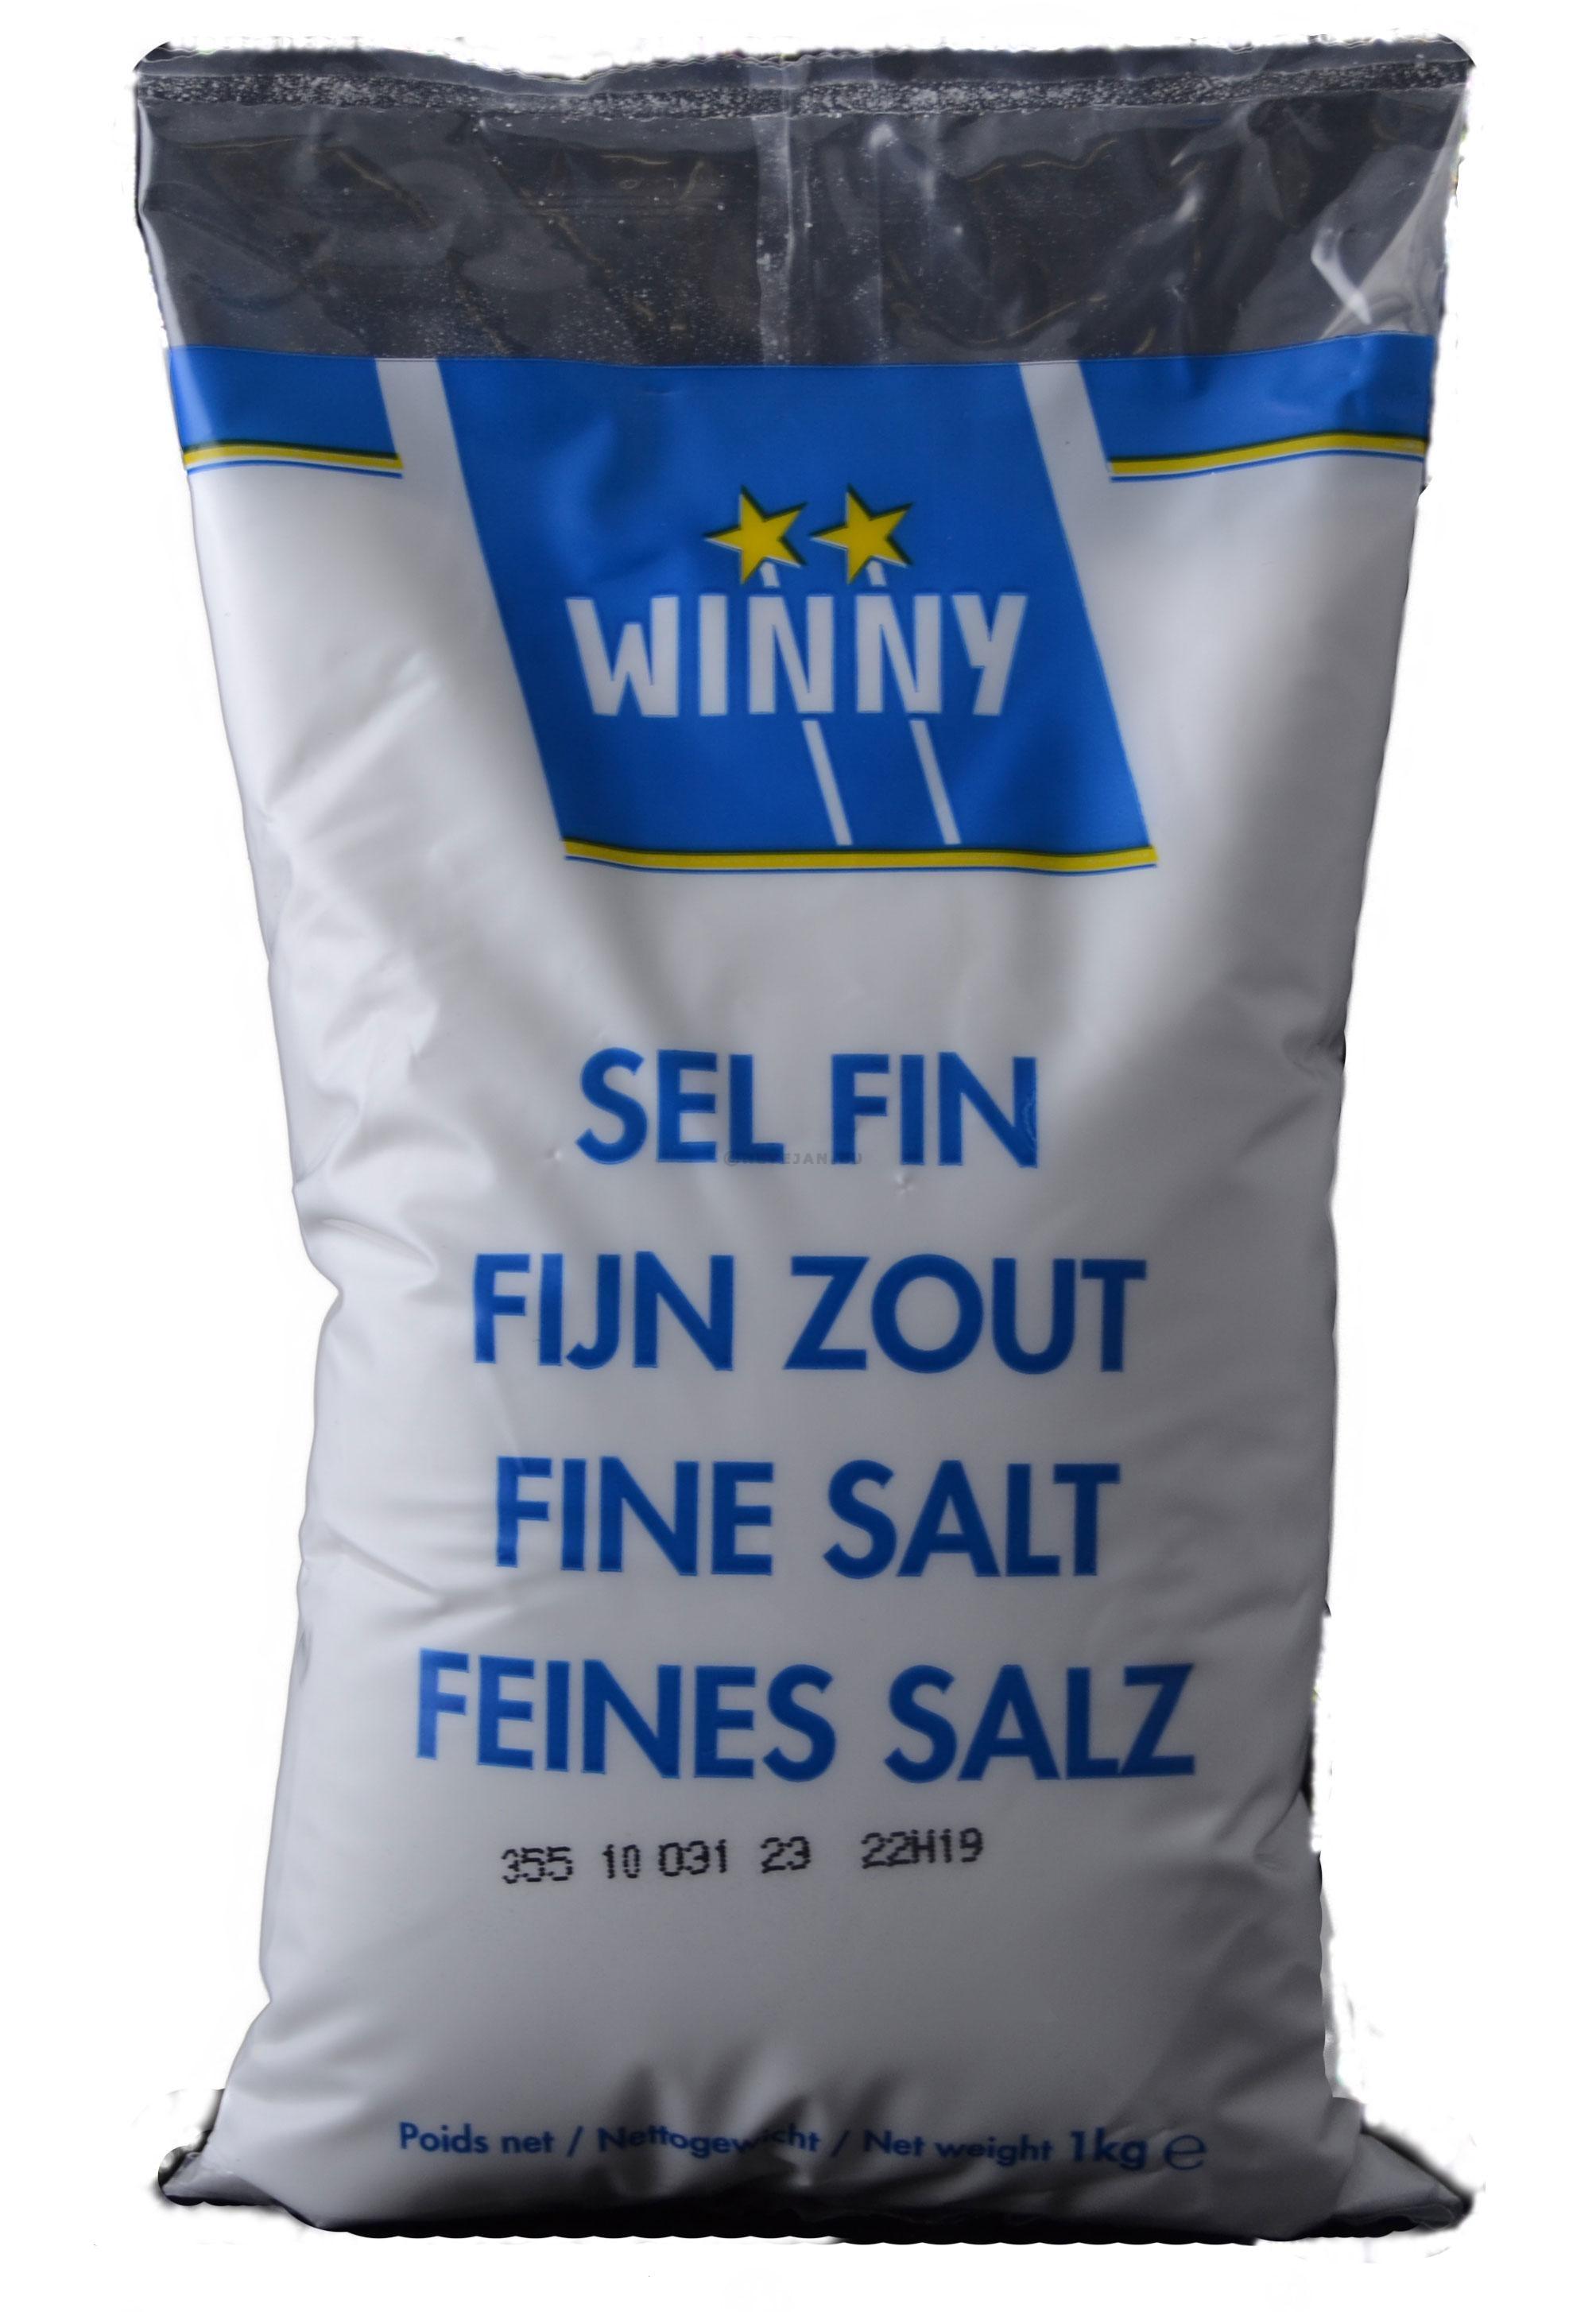 Winny sel fin 1kg